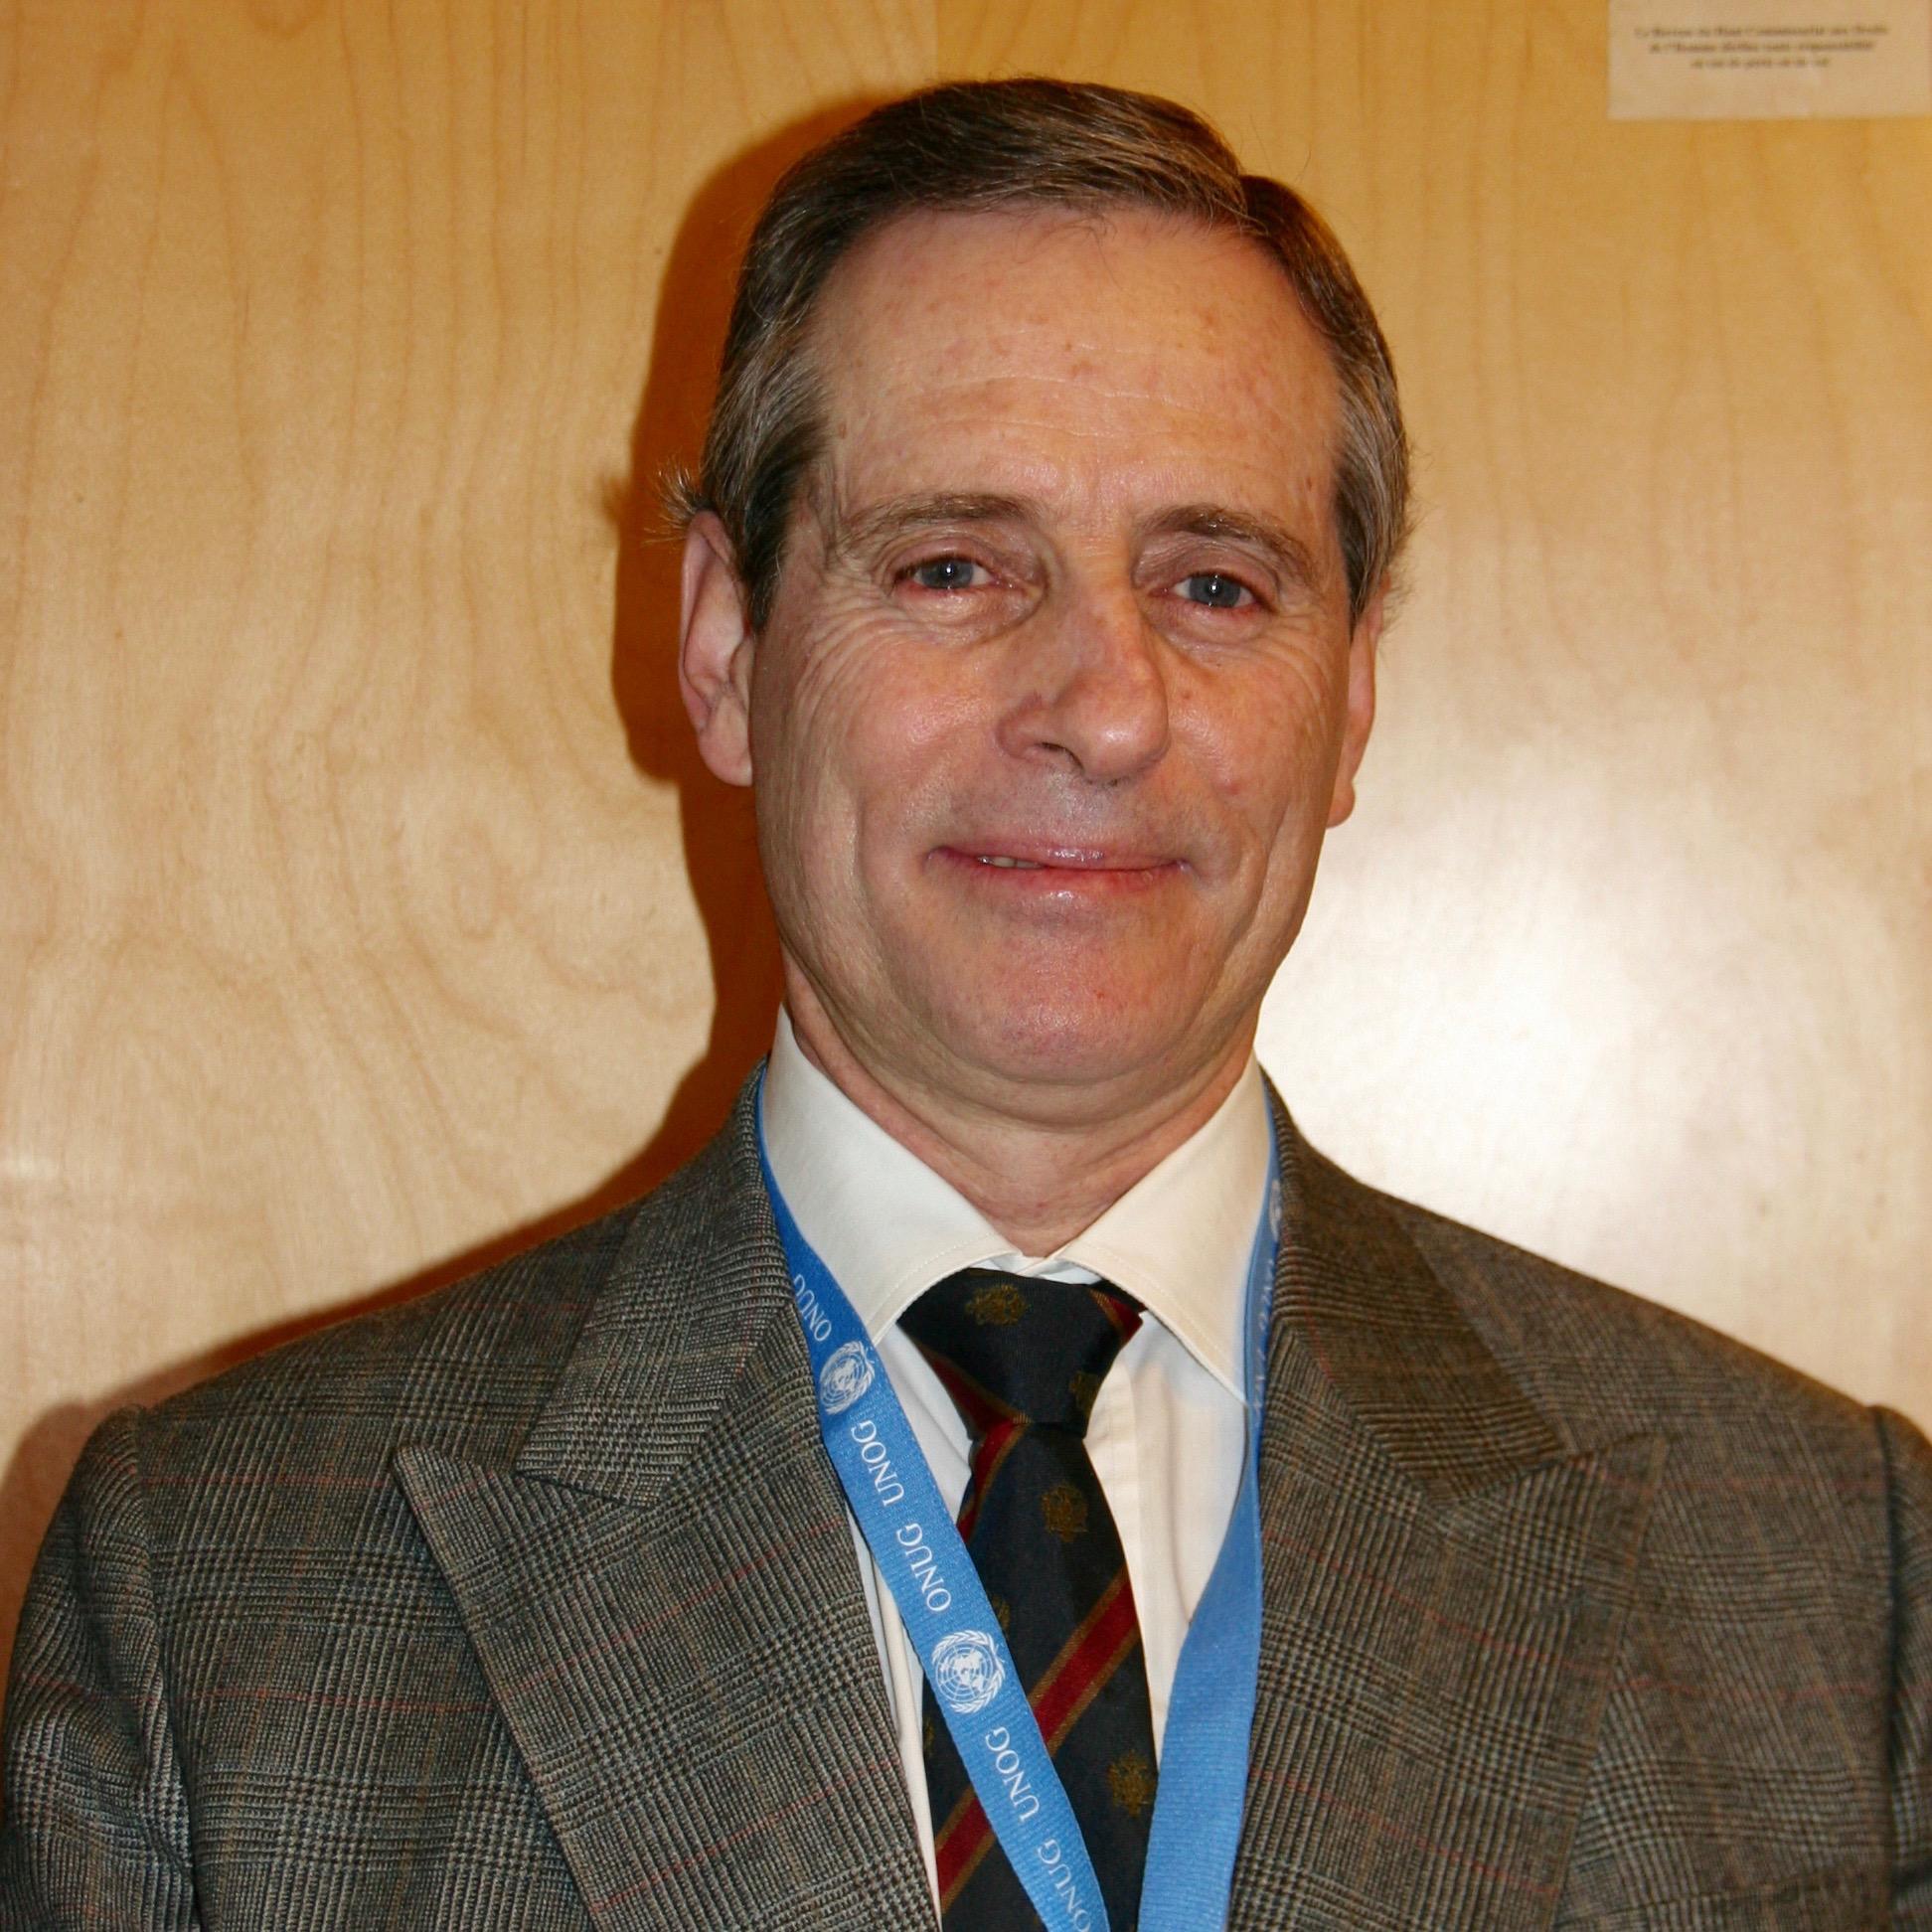 Mr. José Manuel SANTOS PAIS